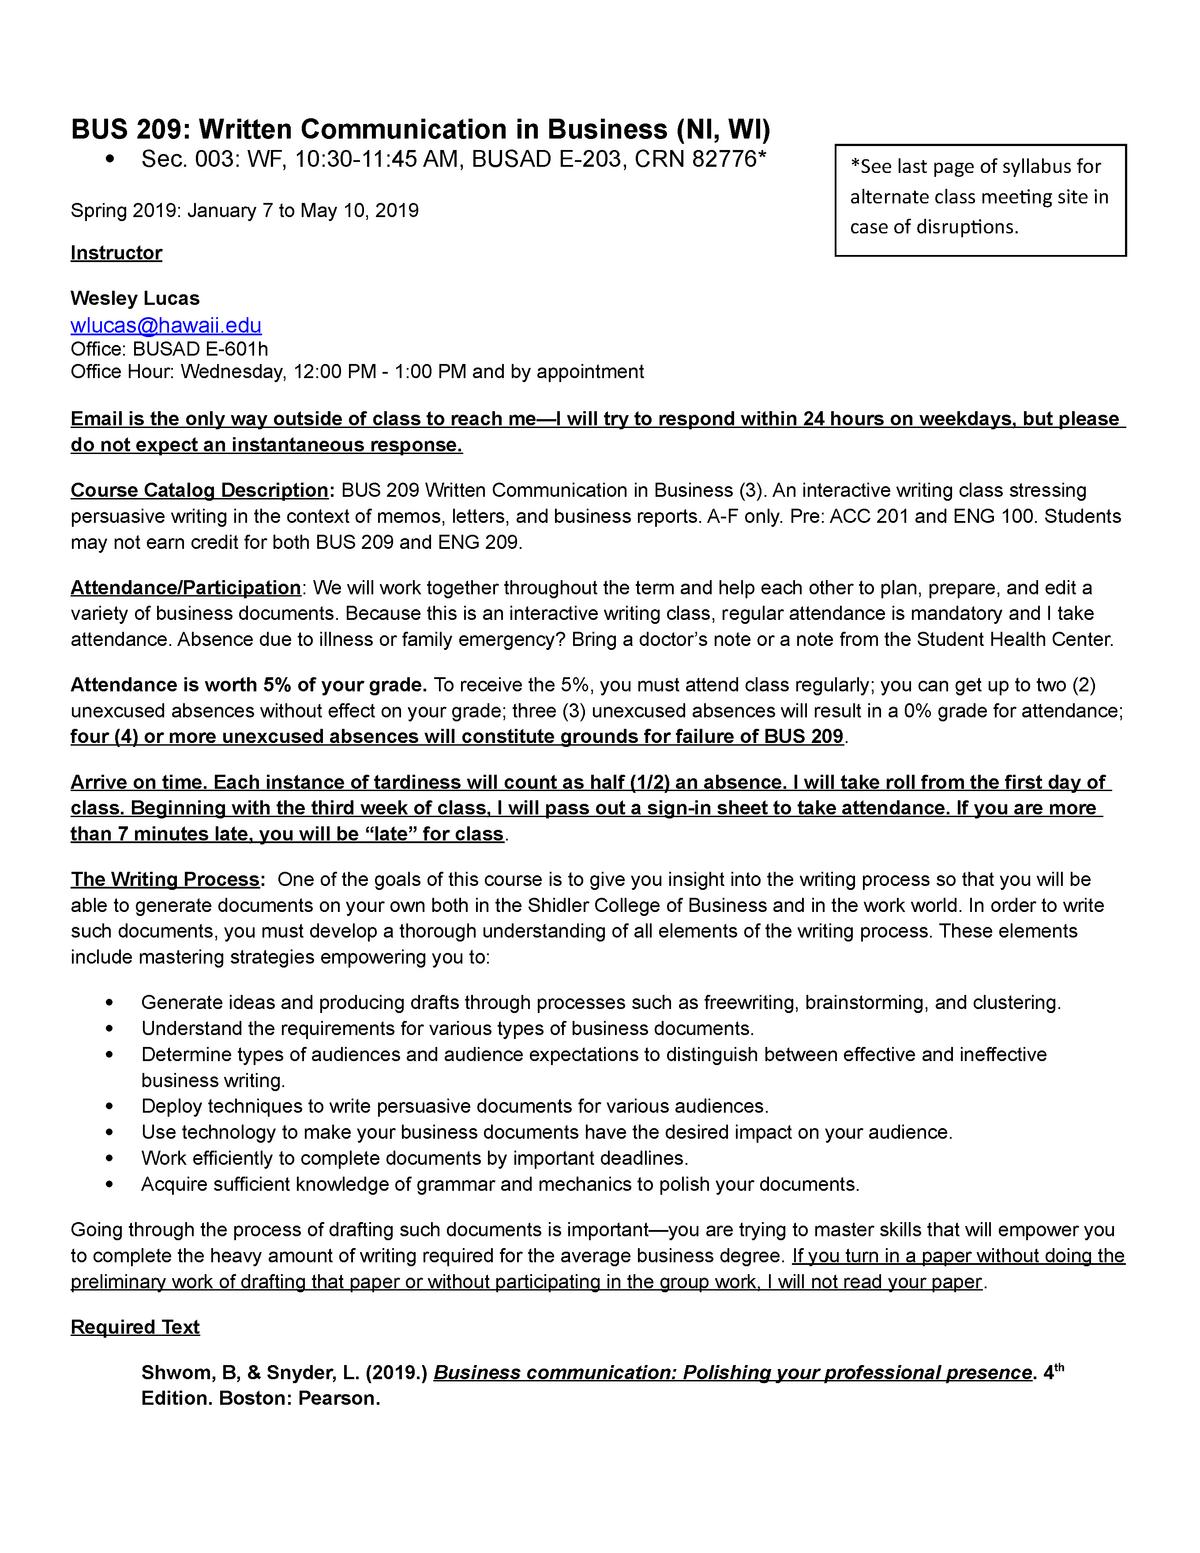 WF Spring 2019 BUS 209 Syllabus, Sec 3 - BUS209: Written